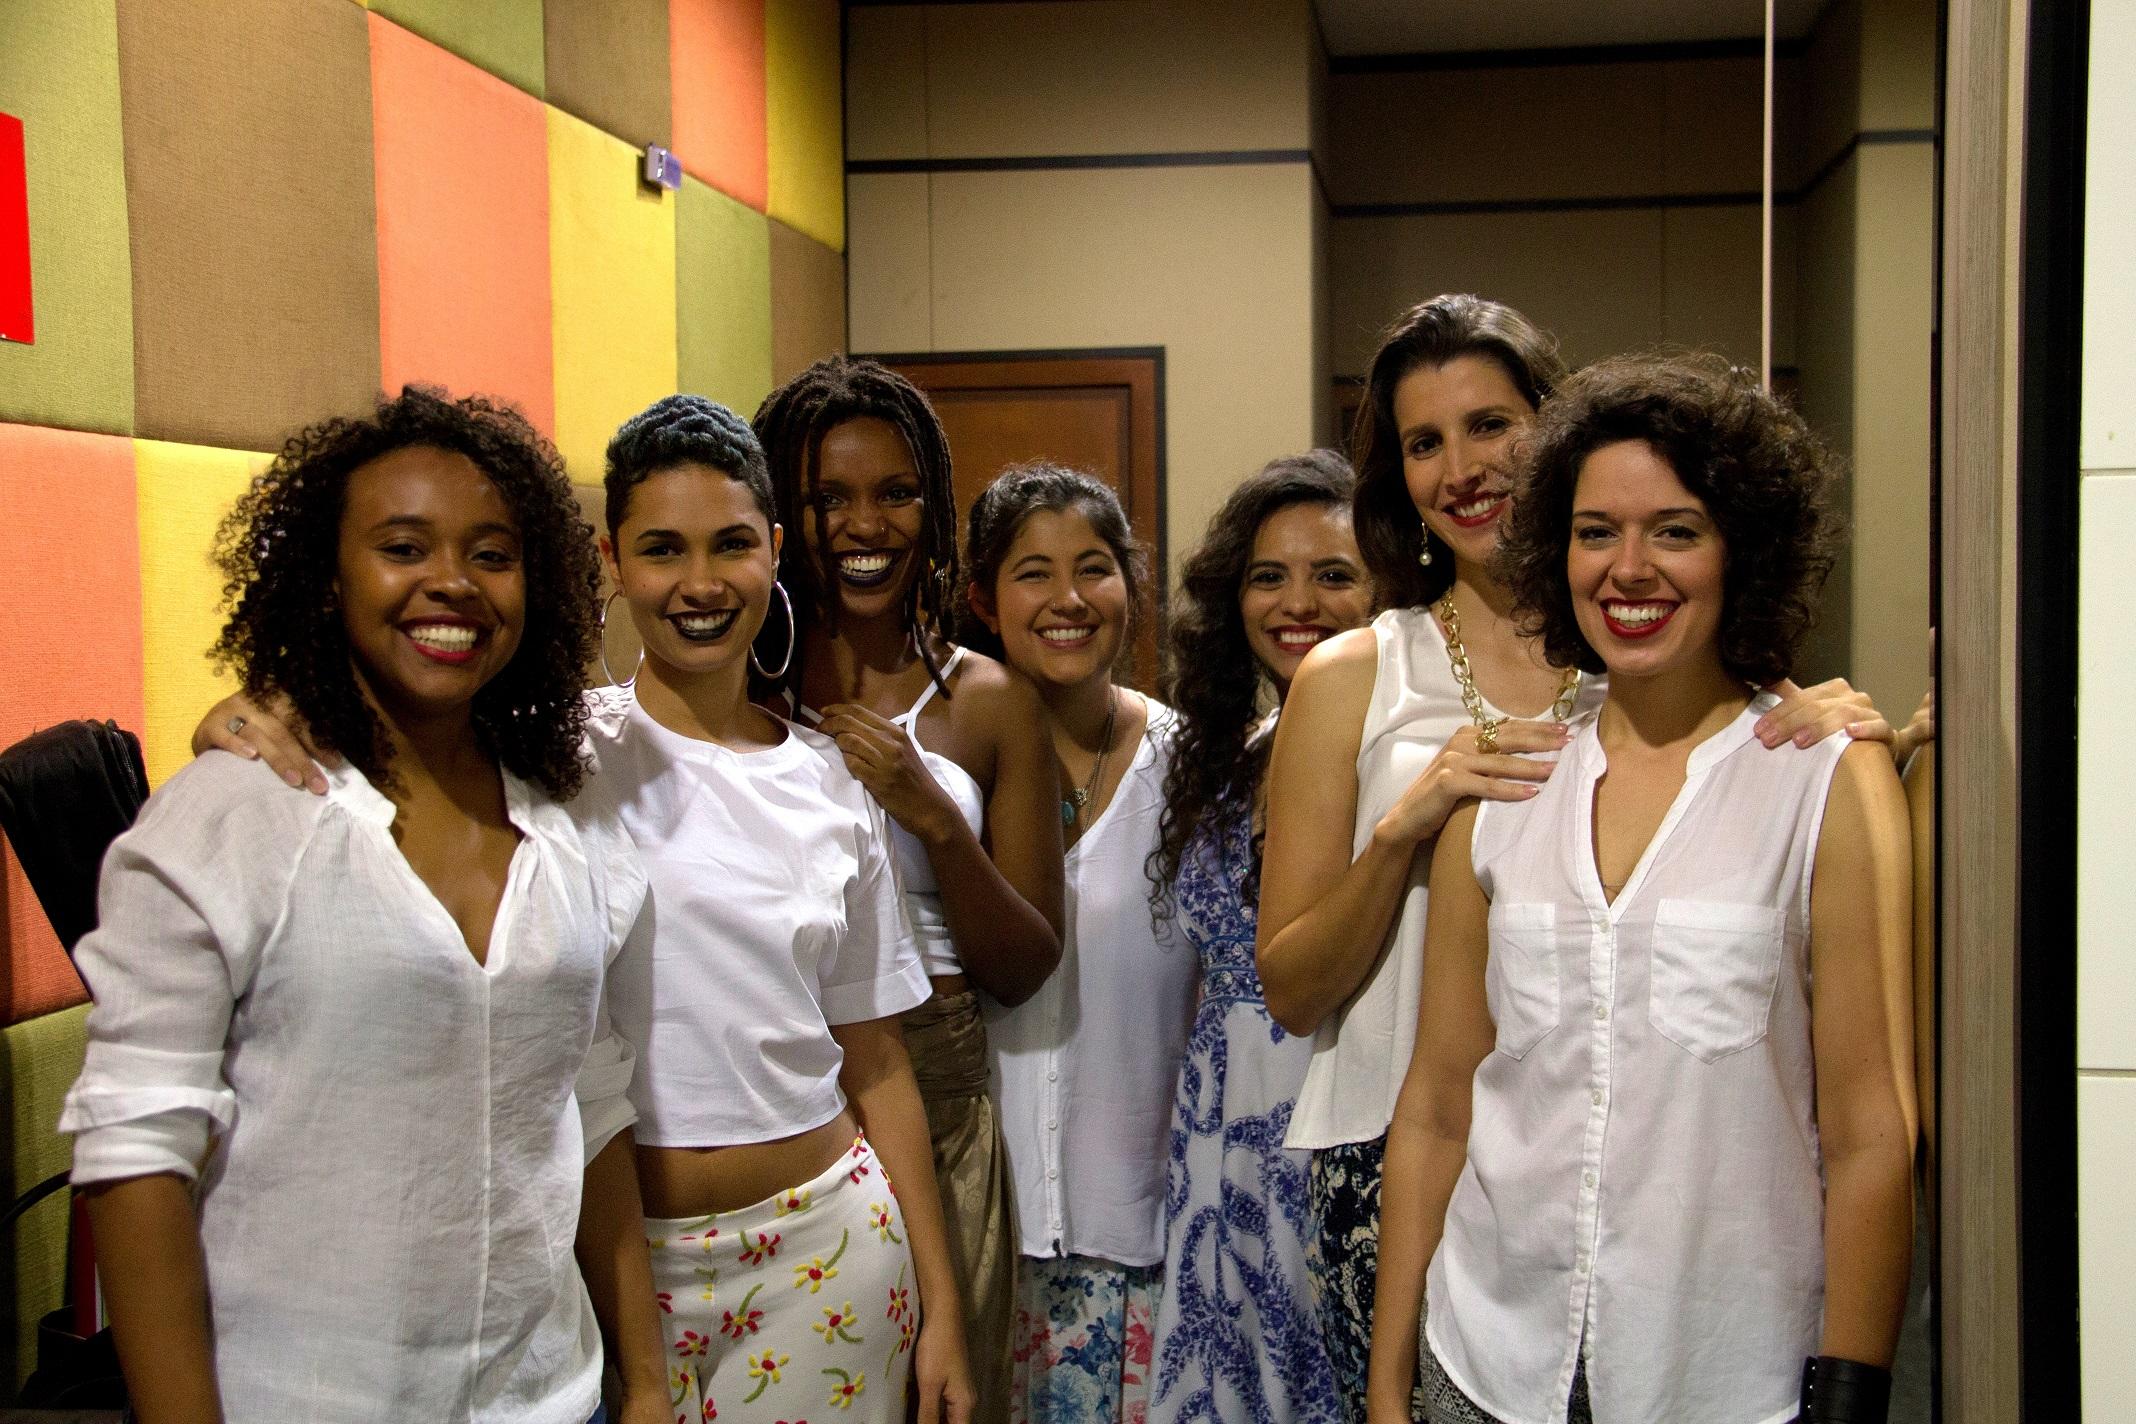 Débora Costa (percussionista), Maíra Baldaia, Nath Rodrigues, Lívia Itaborahy, Isabella Bretz (compositoras), eu e Larissa Horta (baixista, backing vocal e compositora)